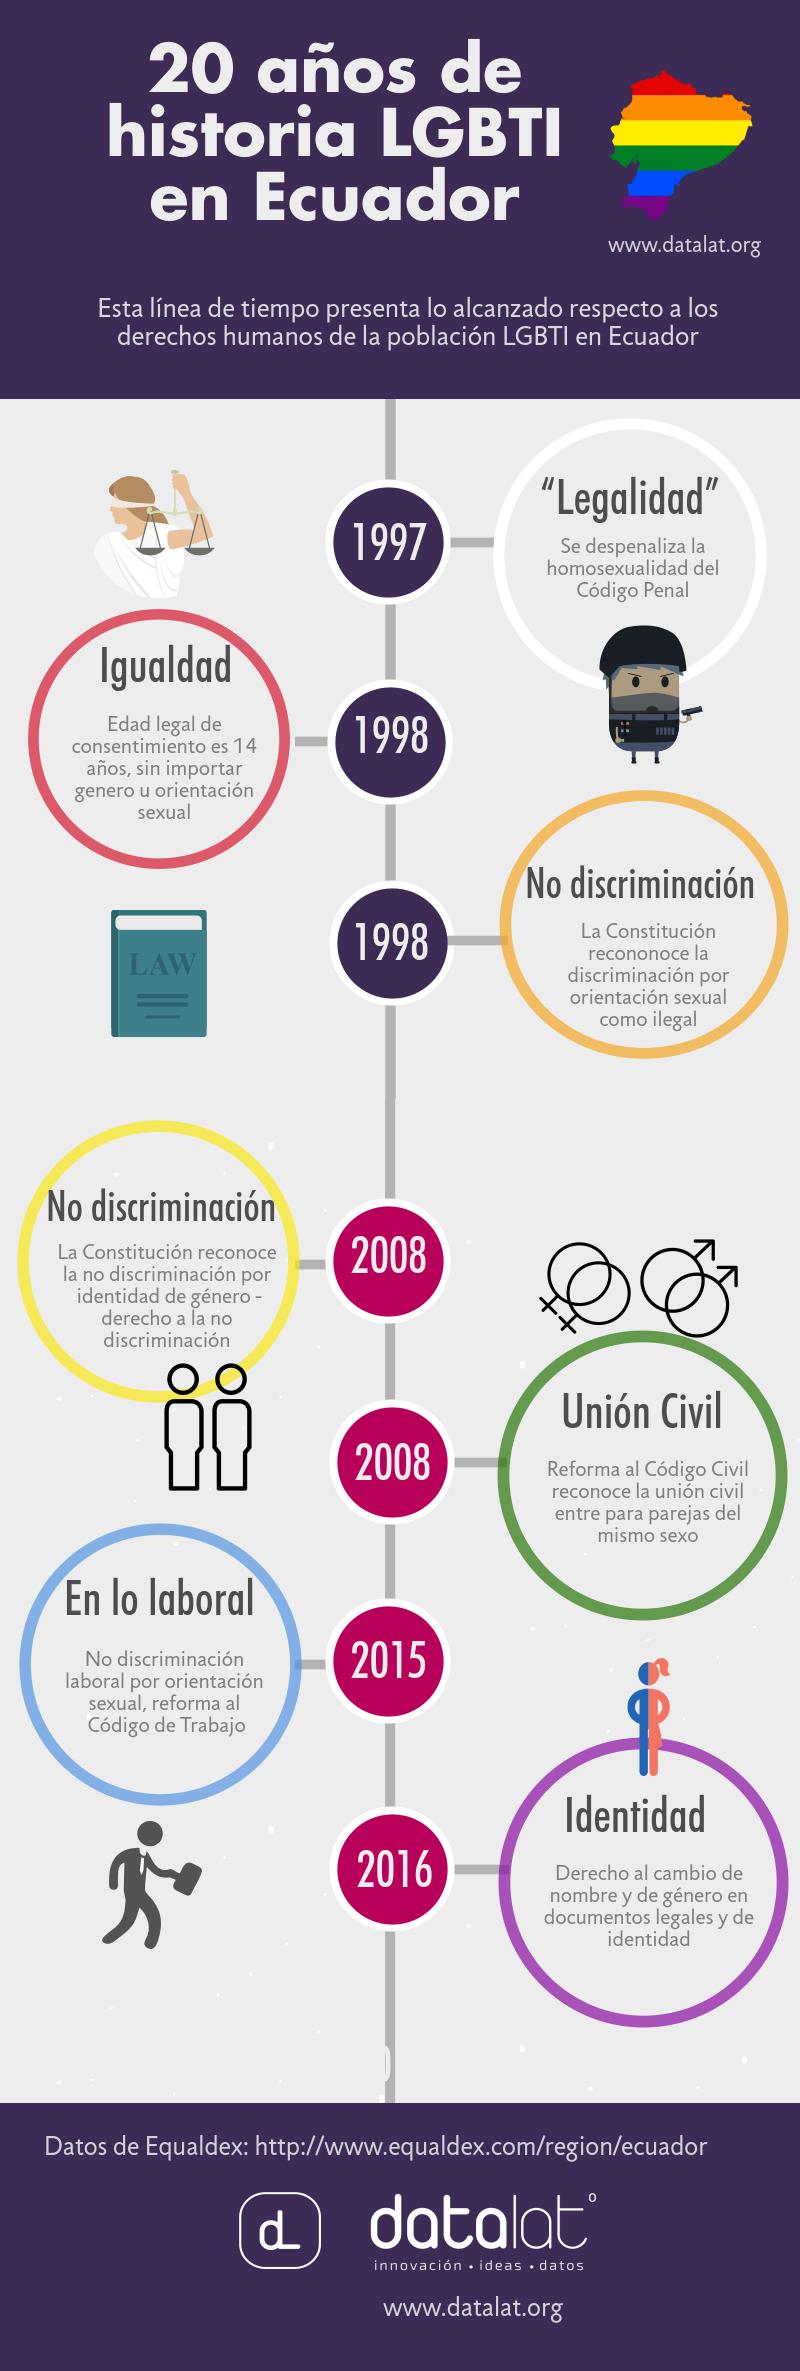 INFOGRAFÍA  Linea de tiempo de los 20 años de historia LGBTI en Ecuador